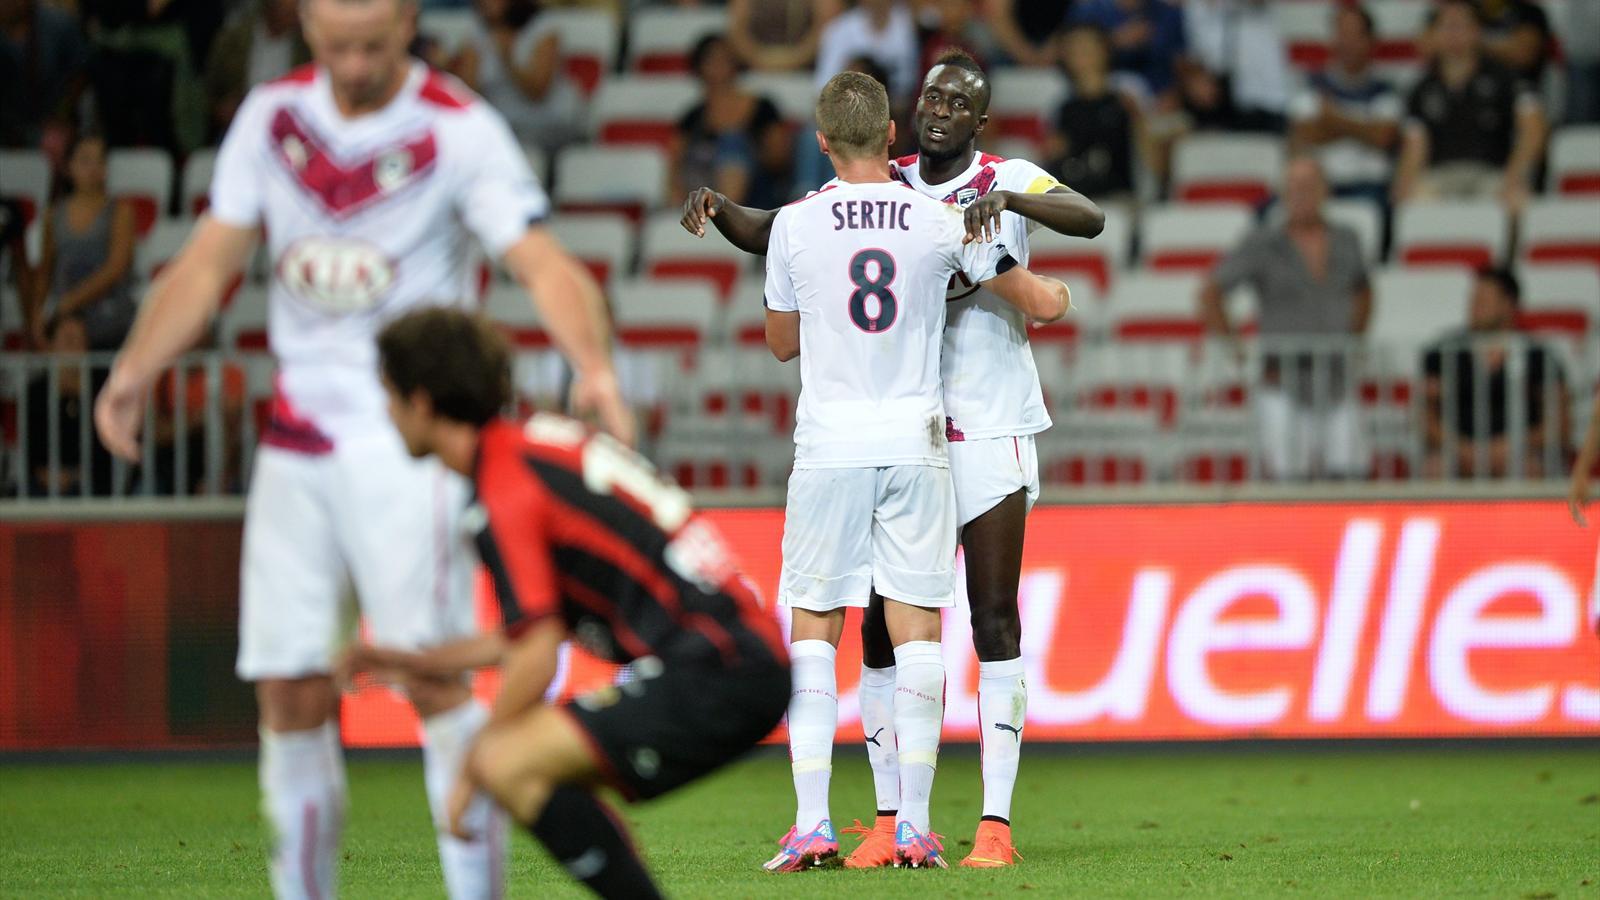 Ligue 1 - 3e journée: Vainqueur à Nice (1-3), Bordeaux file seul en tête